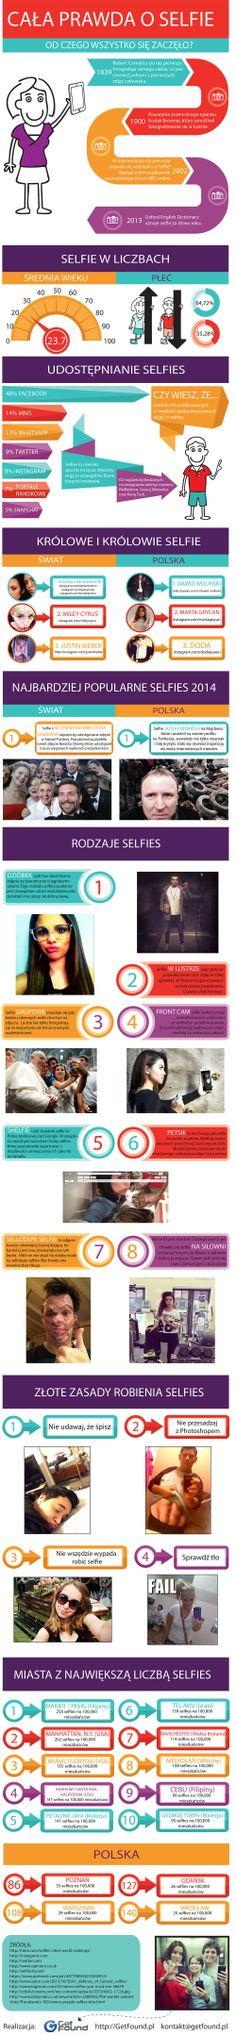 Selfie, słit focia czy zdjęcia z rąsi to już nasza rzeczywistość. Poznaj całą prawdę o Selfie! Znajdziesz tu informacje o tym: - Jak rozpoczął się fenomen Selfie, - Selfie w liczbach, czyli osoby w jakim wieku i jakiej płci są najbardziej aktywne w Selfie, - Królowe i królowie Selfie, zarówno w Polsce jak i na świecie, - Najbardziej popularne Selfies 2014, - Rodzaje najpopularniejszych Selfies, - Złote zasady robienia Selfies, - Miasta z największą liczbą Selfies w Polsce i na świecie.